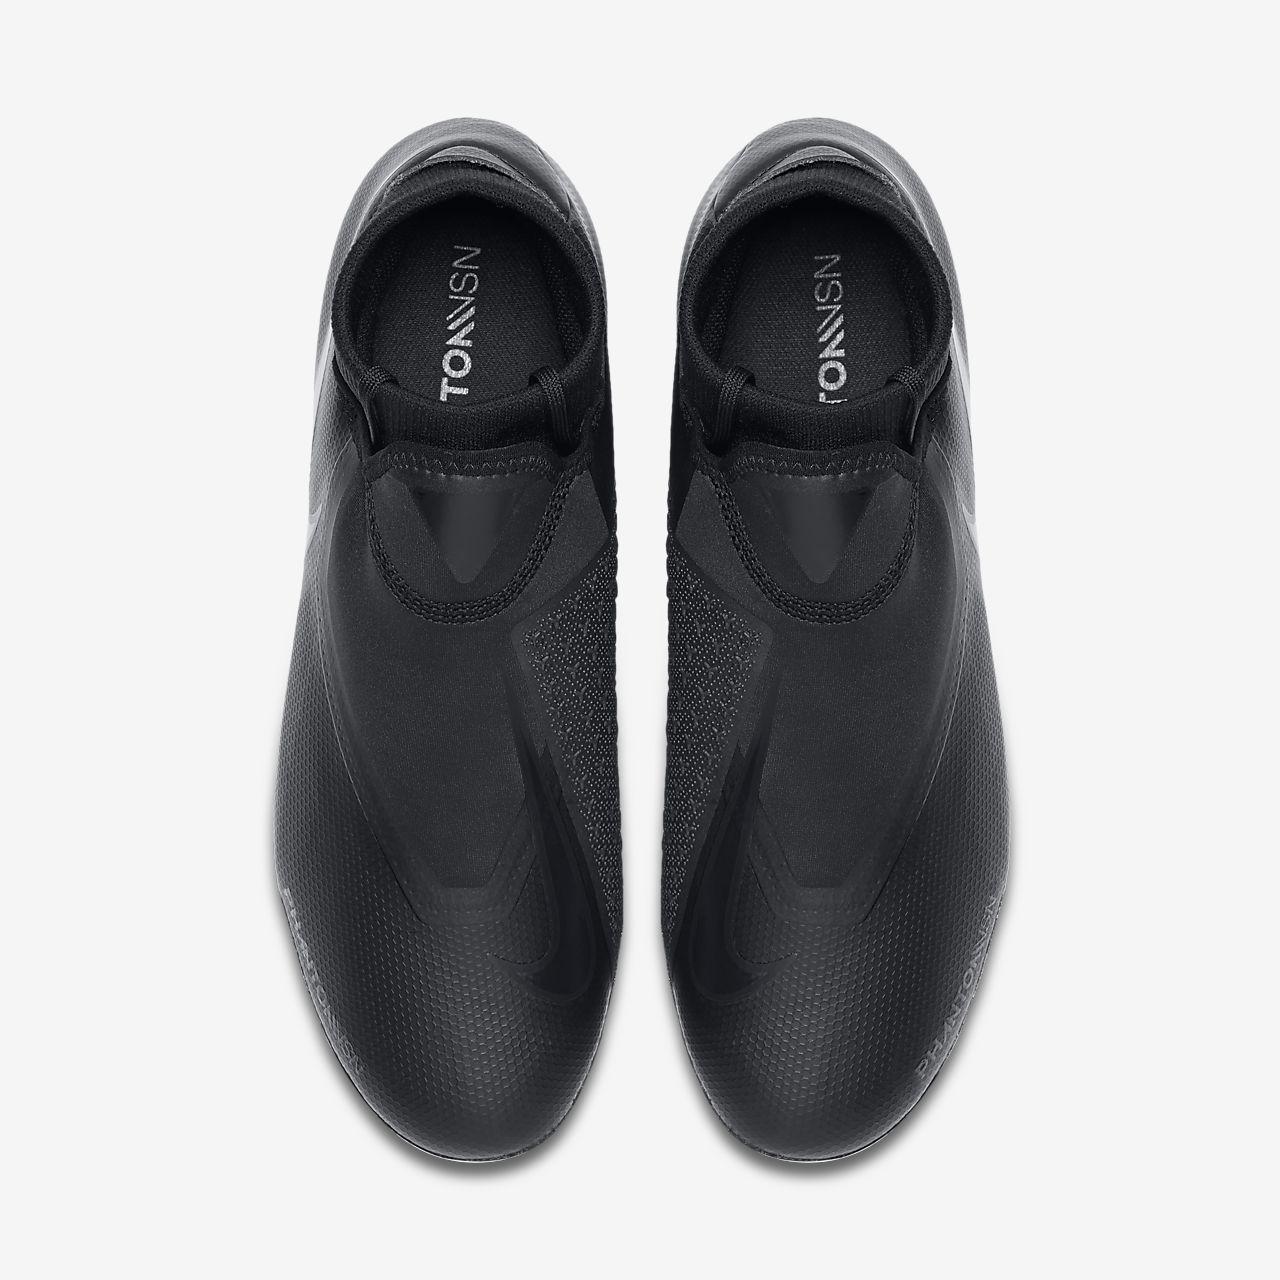 Pour À Football Terrain De Phantom Crampons Gras Nike Chaussure fq7a4q